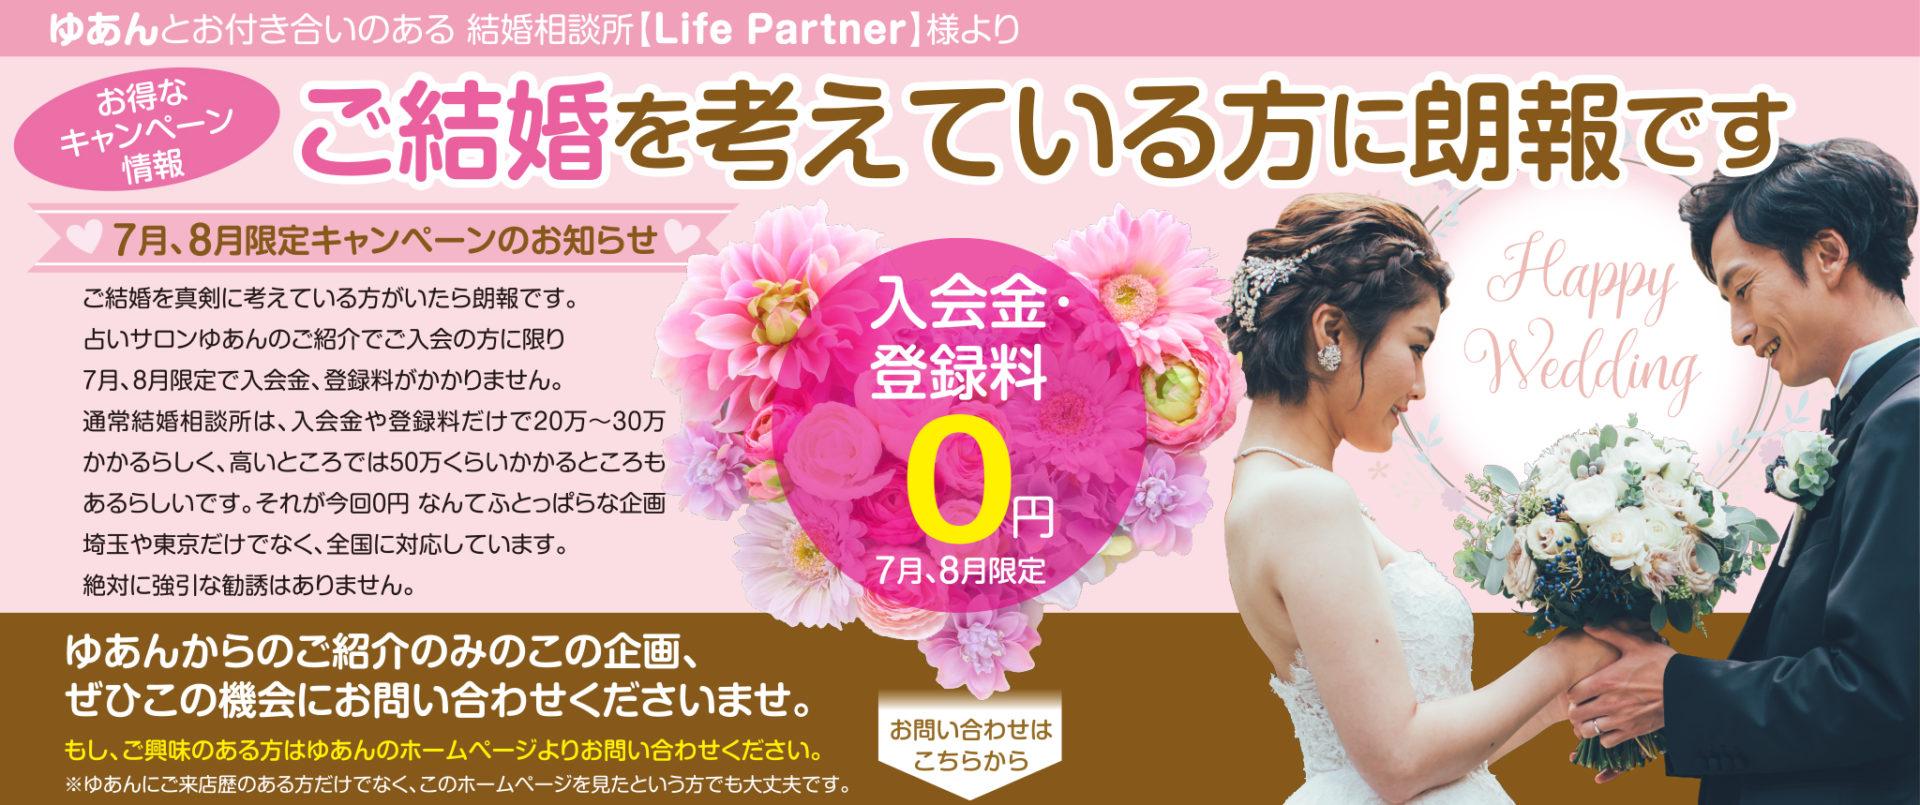 婚活イベント 結婚相談所